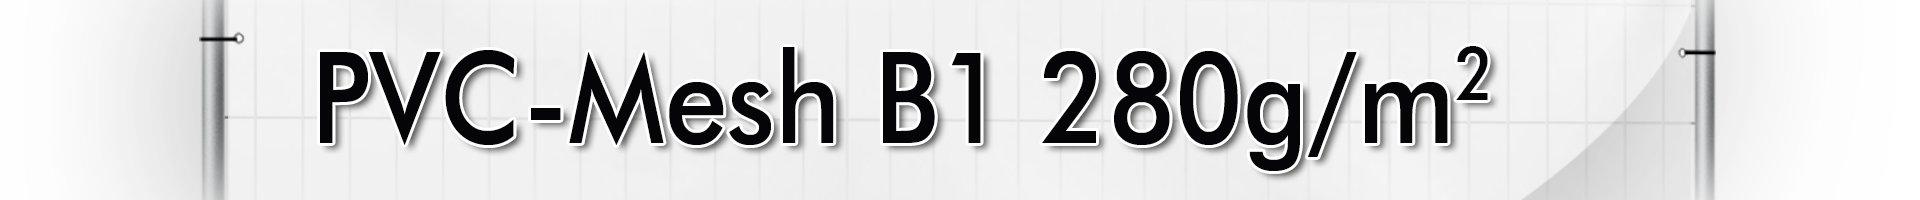 PVC-Mesh B1 280g/m²